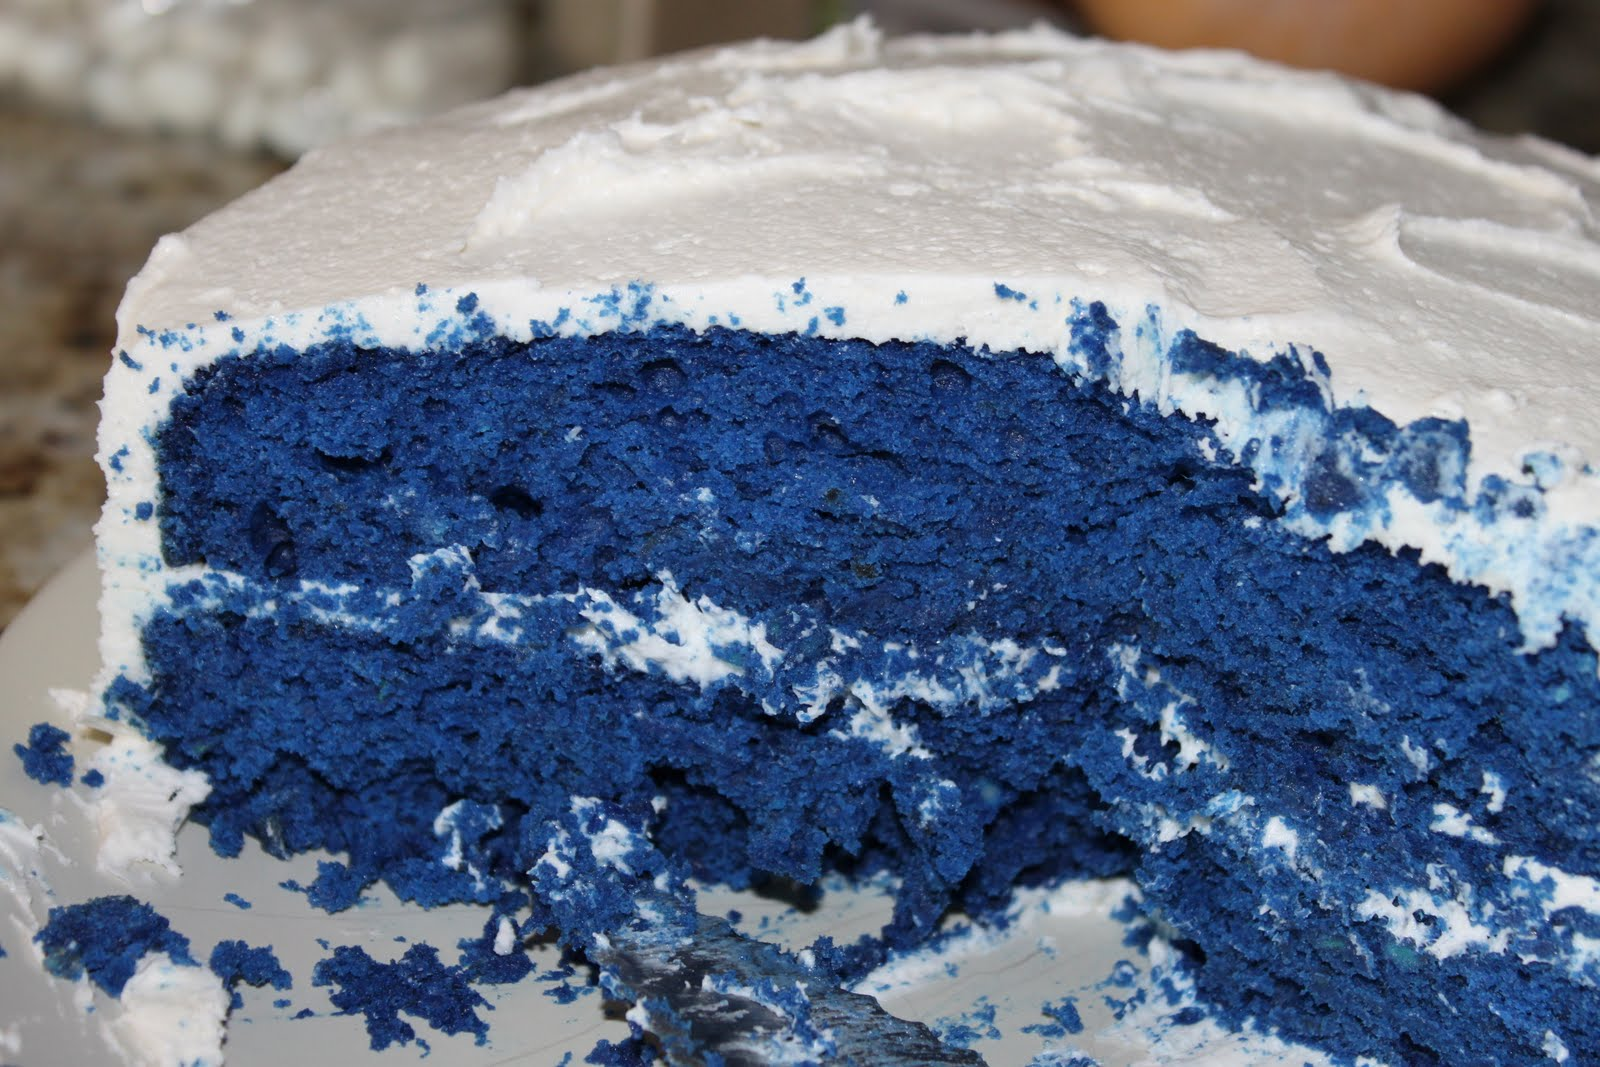 Images Of Blue Velvet Cake : Chemistry Cooking: Blue Velvet Cake with Marshmallow Creme ...